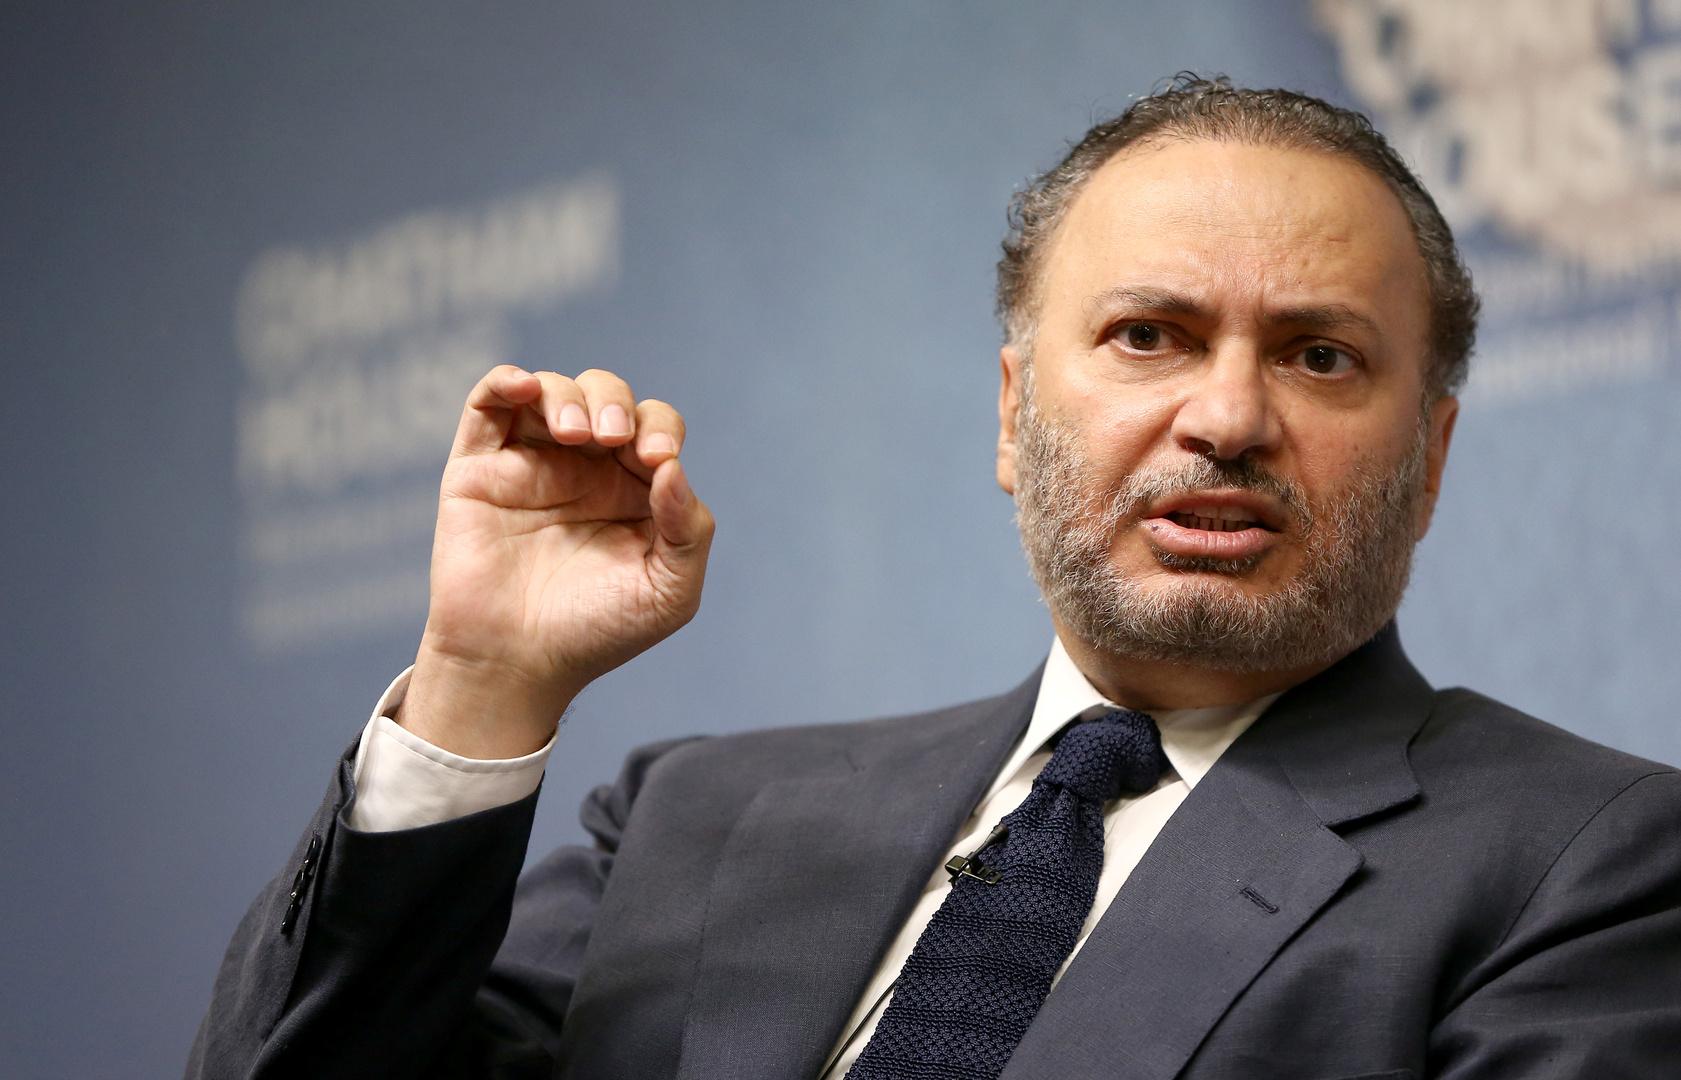 المستشار الدبلوماسي لرئيس دولة الإمارات أنور قرقاش